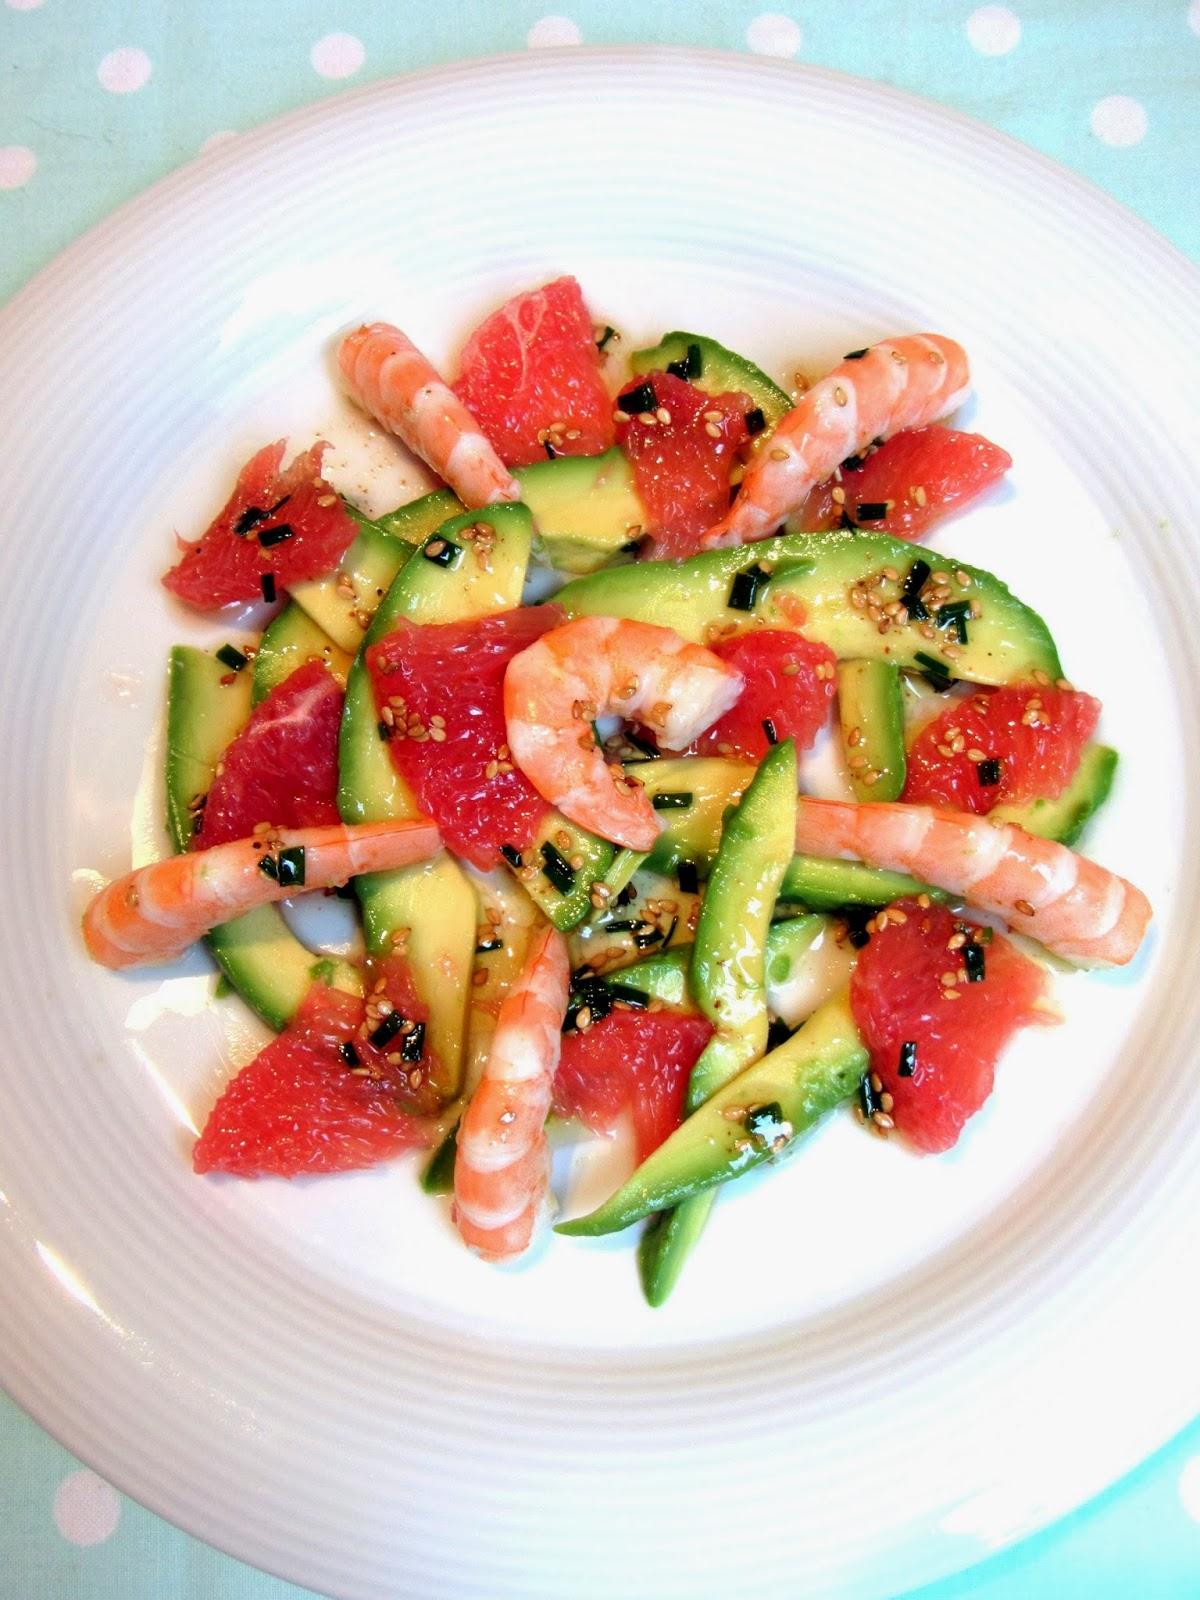 Tomate sans graines green lifestyle cuisine bien tre z ro d chet salade fra cheur - Comment presenter des crevettes en entree ...